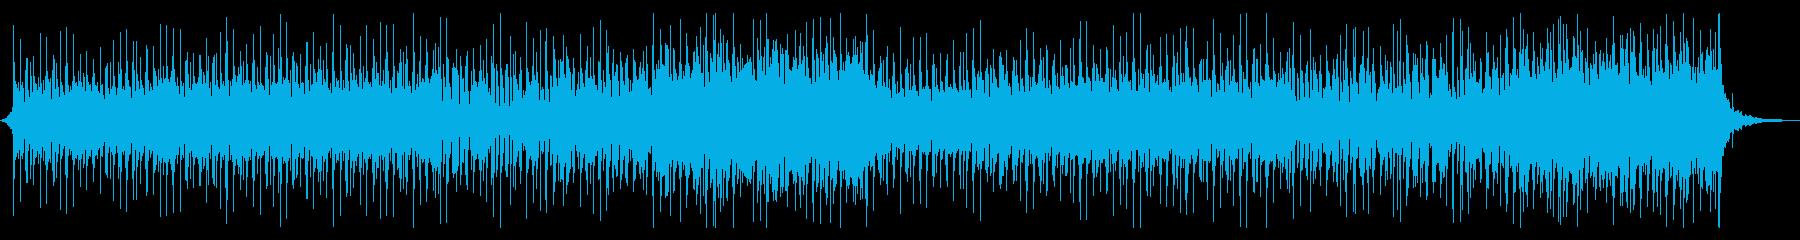 【ニュース】ニュース番組向け分析・解説Iの再生済みの波形